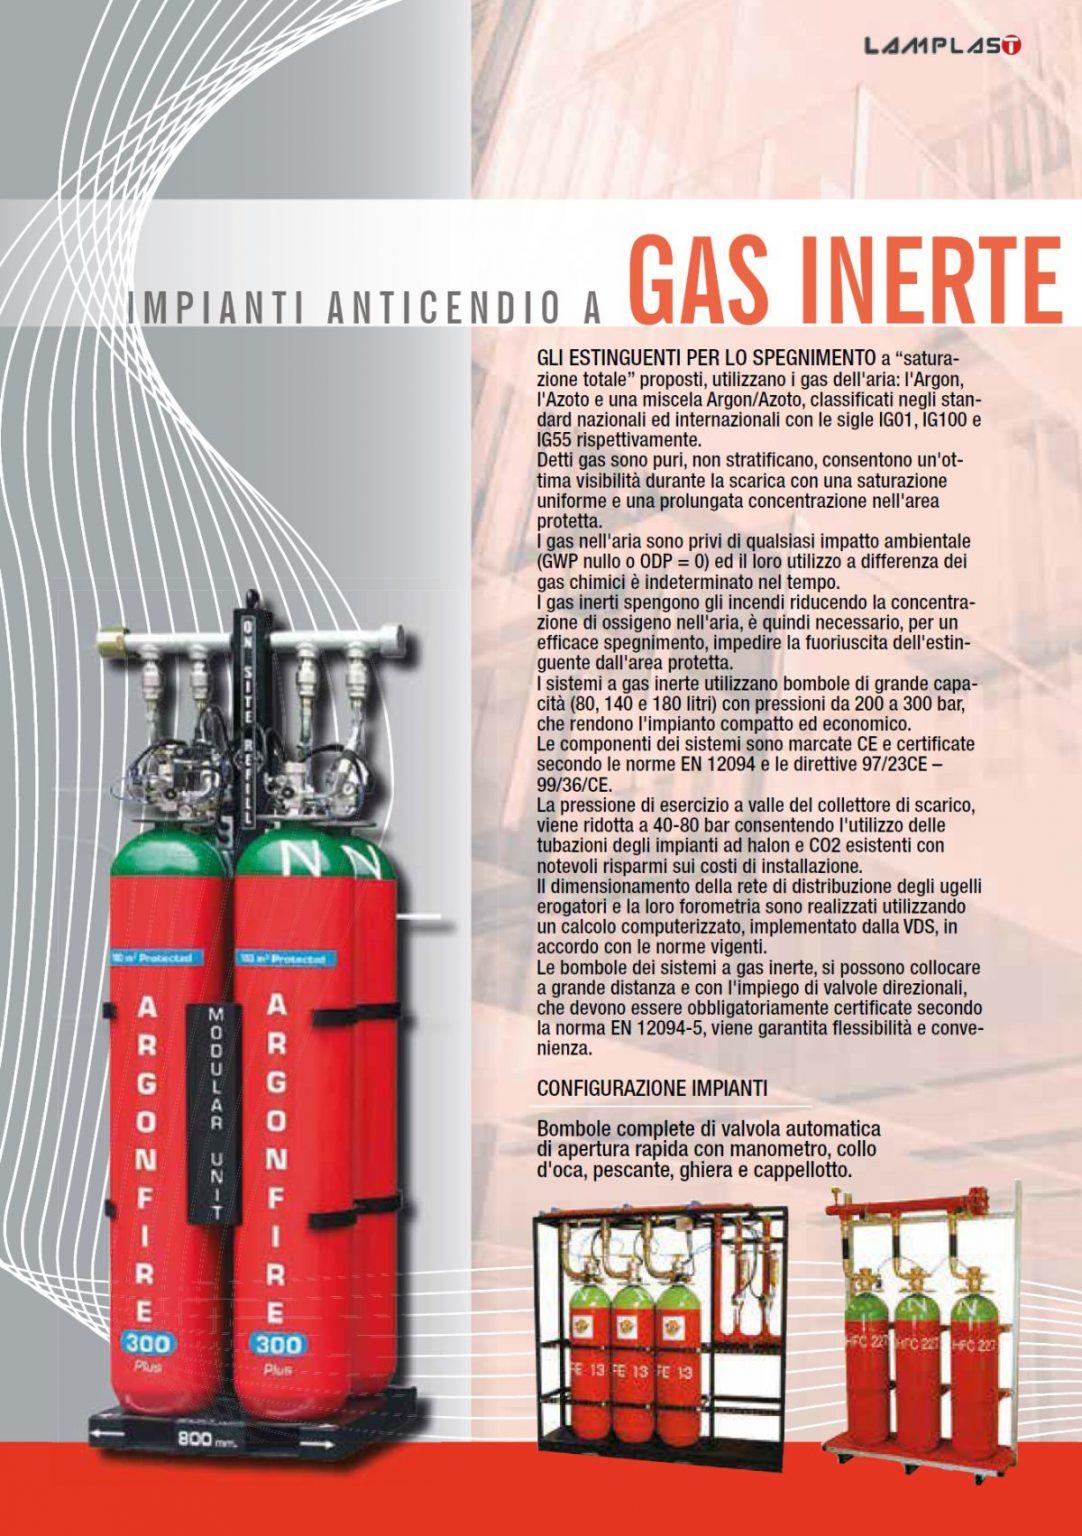 ANTINCENDIO GAS INERTE - LAMPLAST - FERMO - MARCHE - R2104